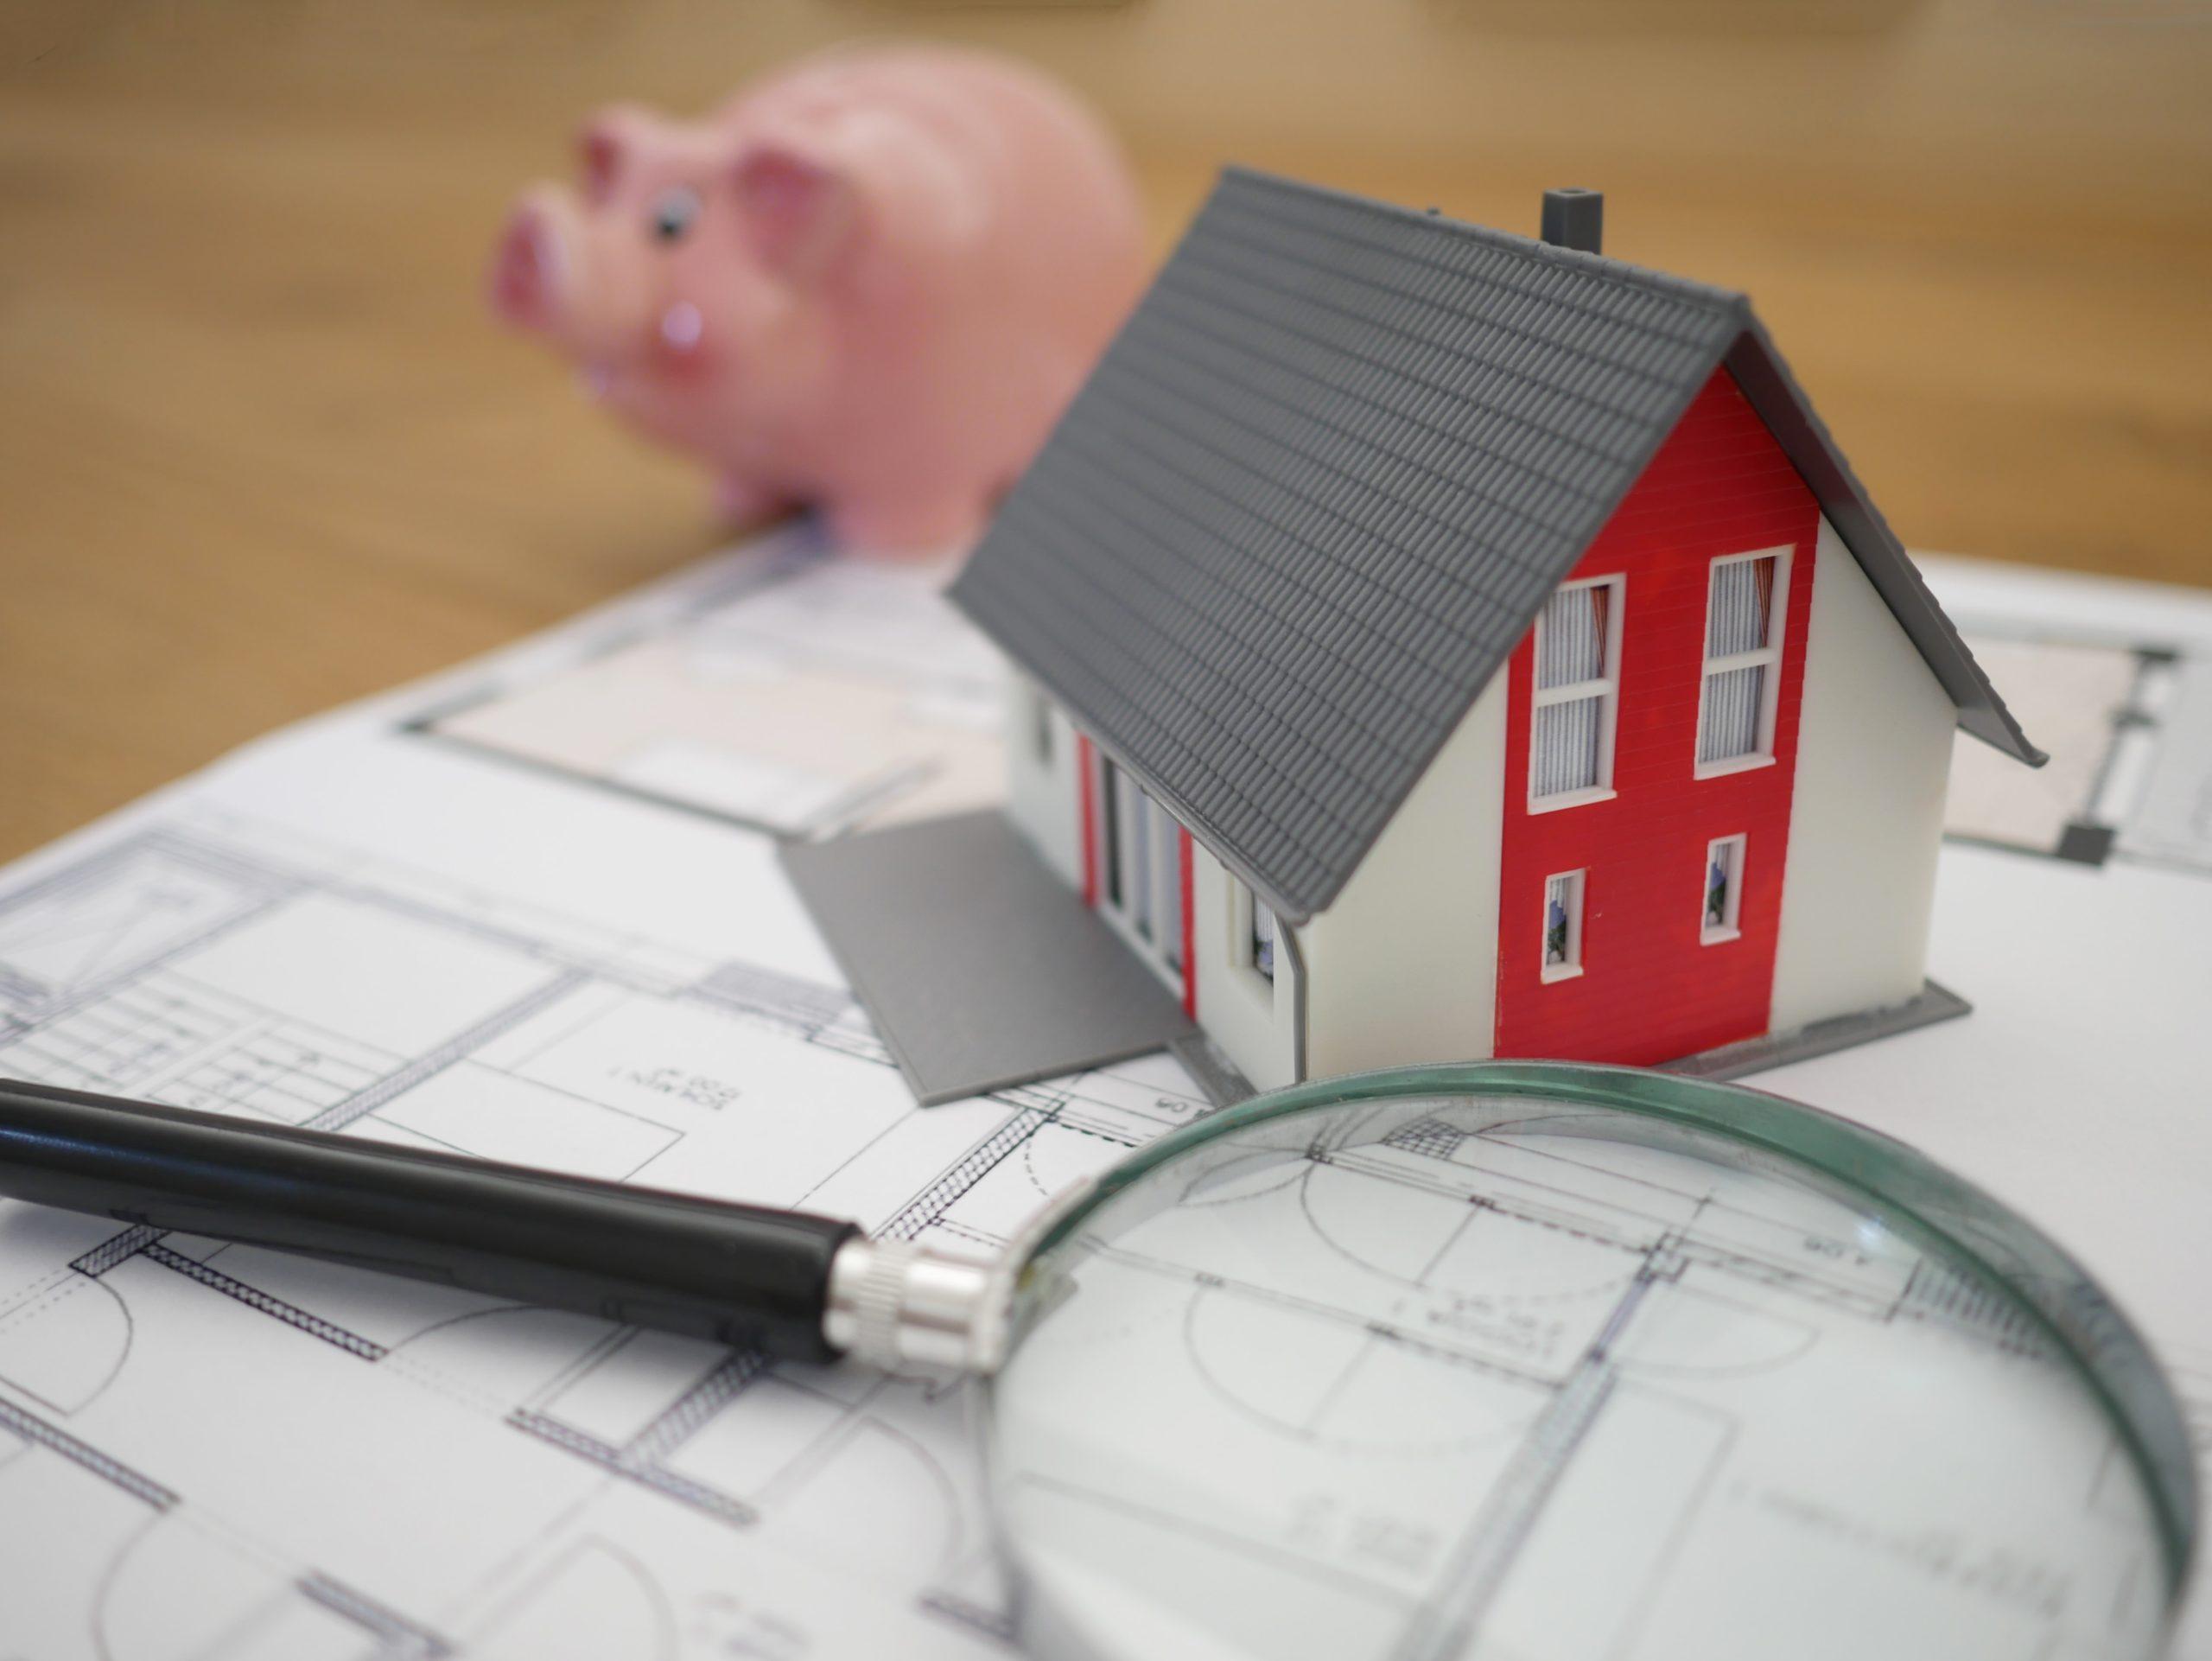 住宅ローンの繰上げ返済とは?メリットを理解して賢く返済しよう。